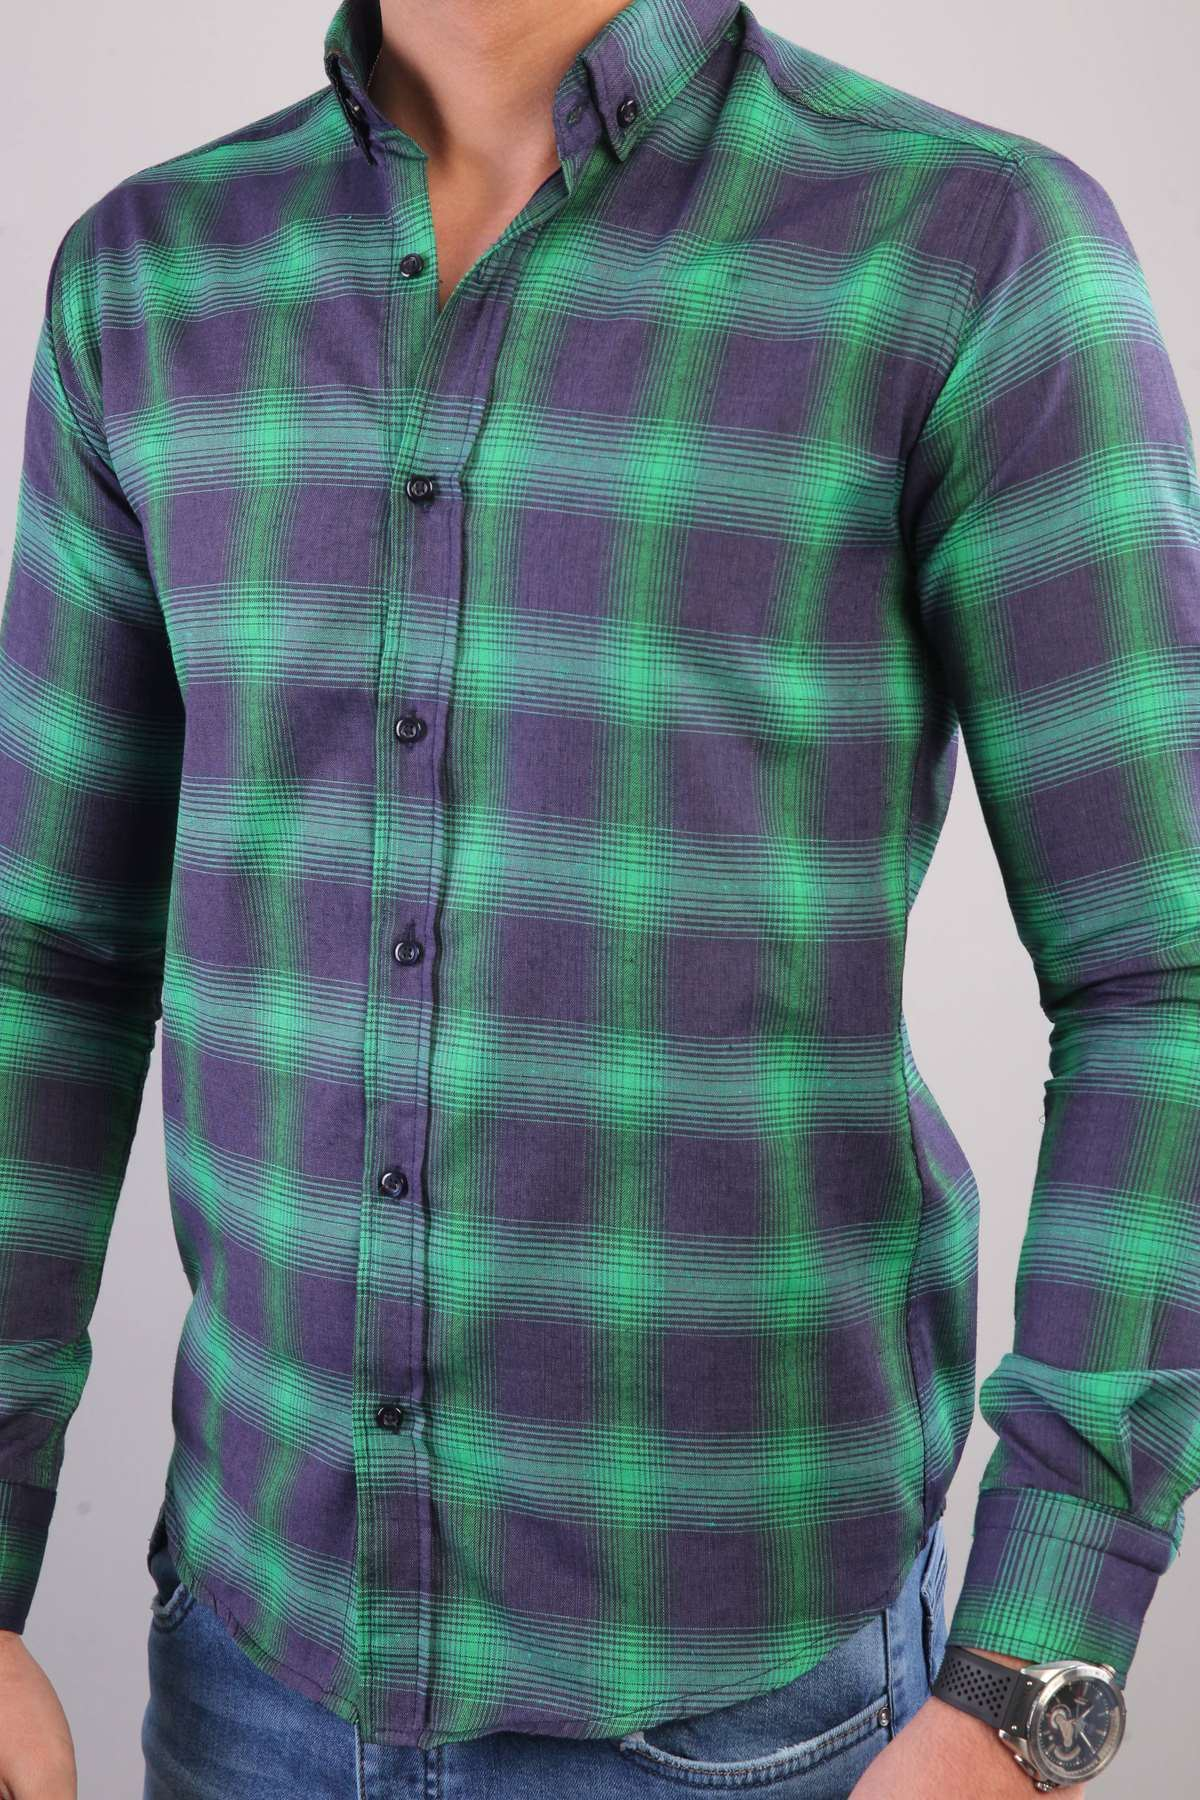 Büyük Kare Desenli İki Renkli Slim Fit Gömlek Lacivert-Yeşil